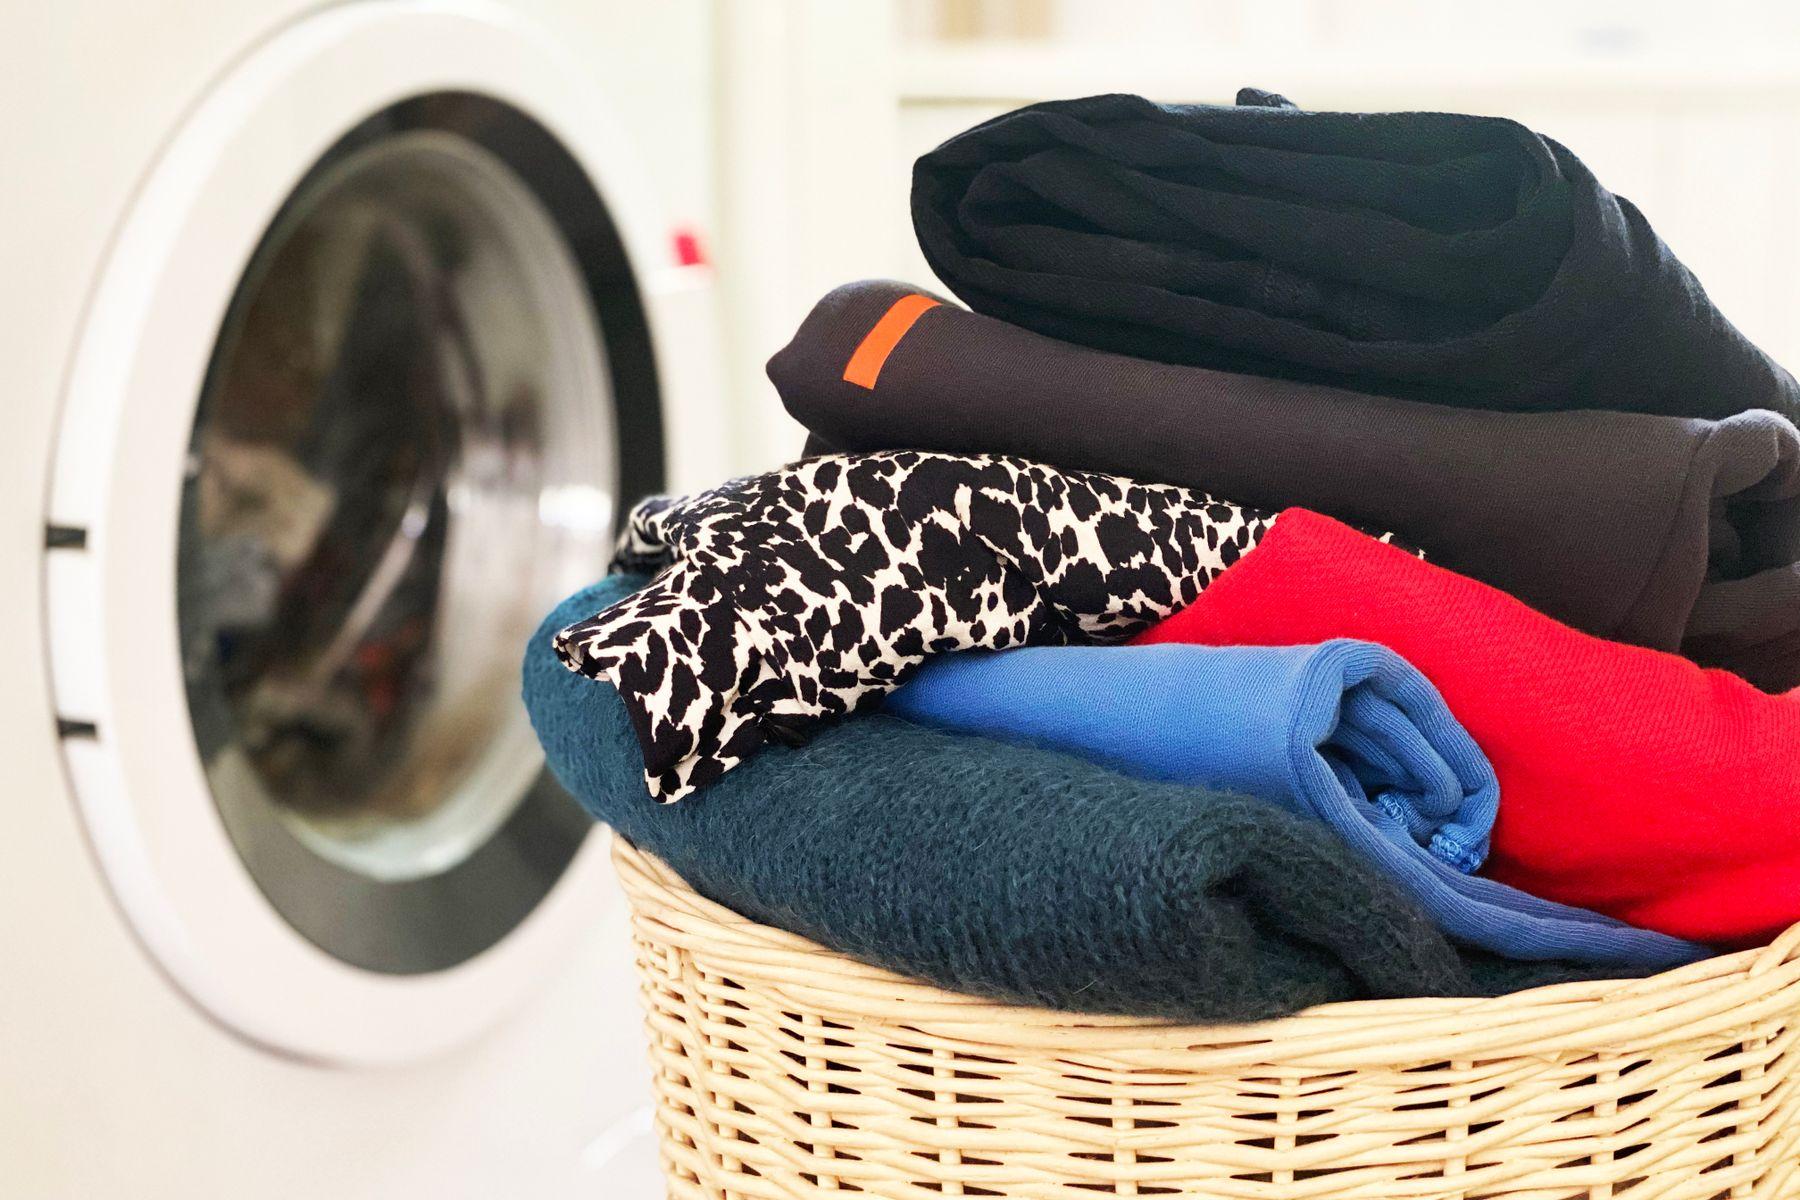 Roupas no cesto em frente à máquina de lavar